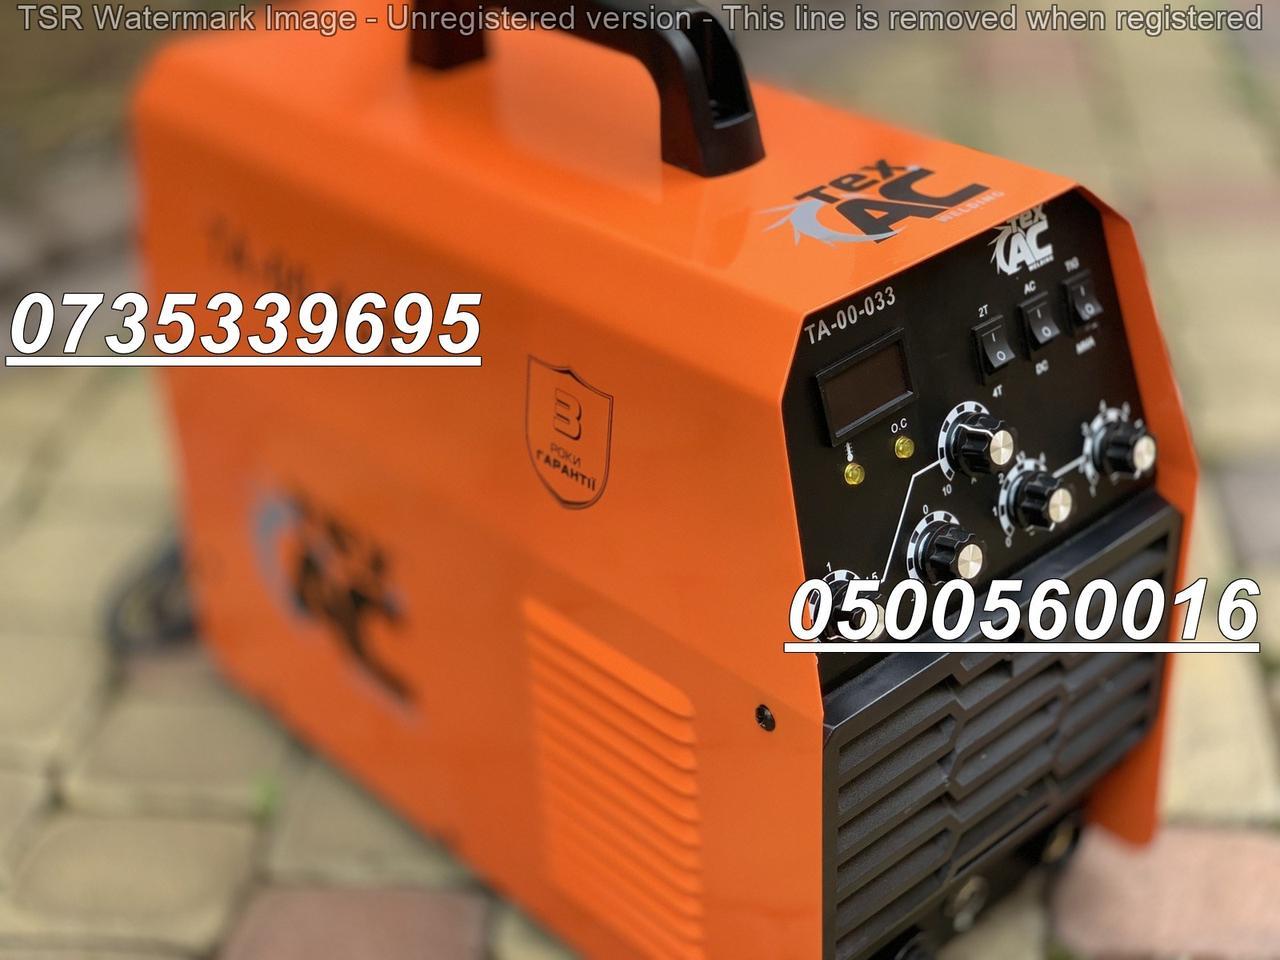 Аргонодуговые сварочные аппараты Tex.AC ТА-00-033